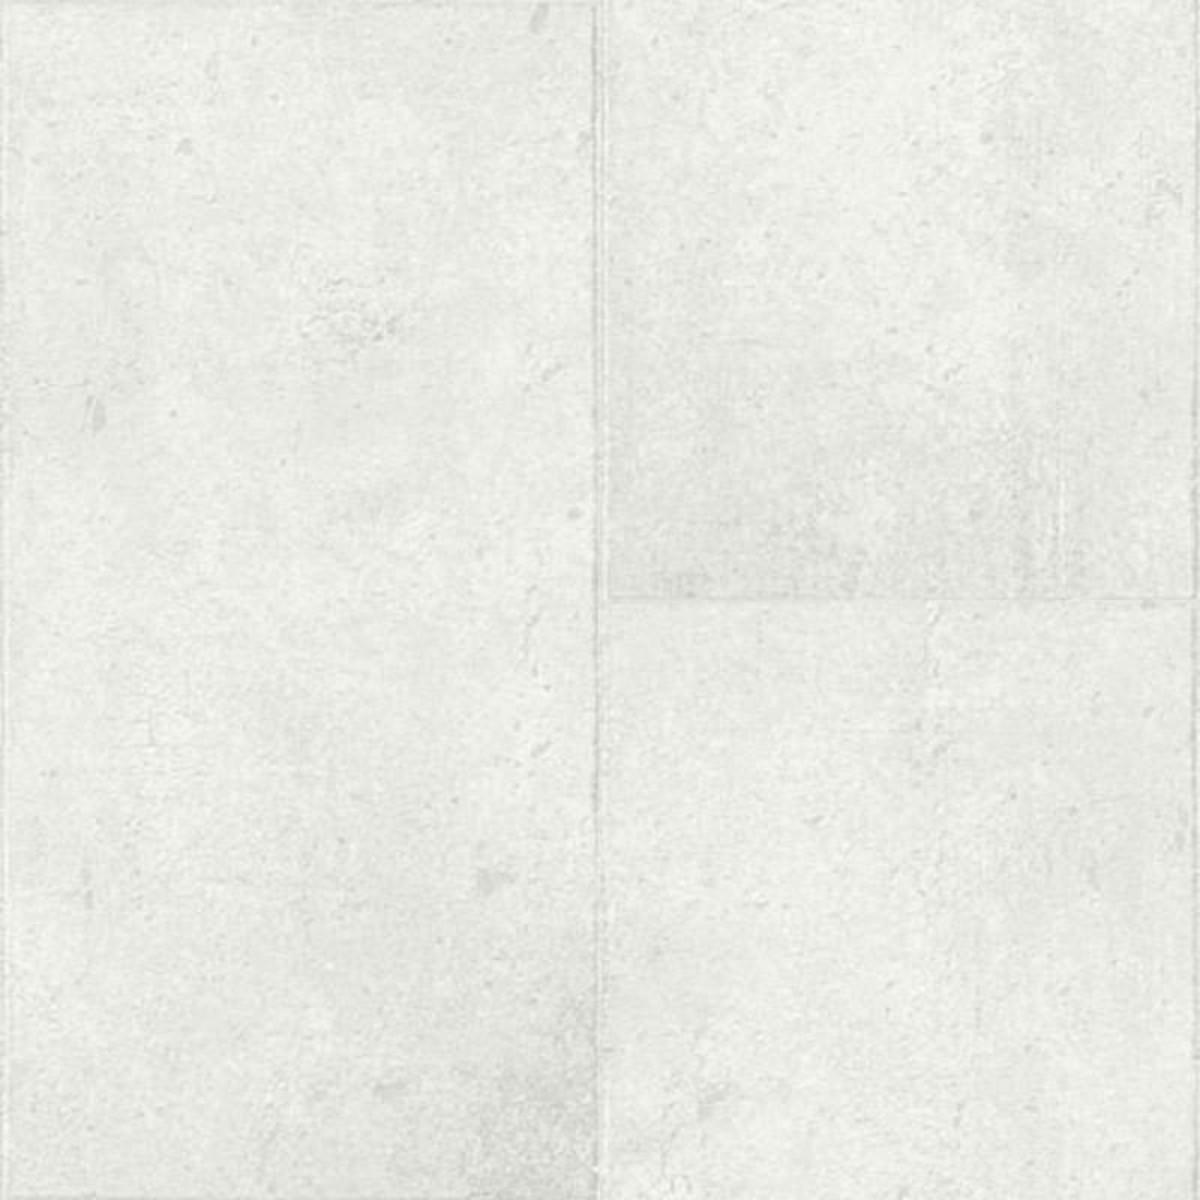 Обои флизелиновые Decoprint What&#39S Up серые 0.53 м WU17615